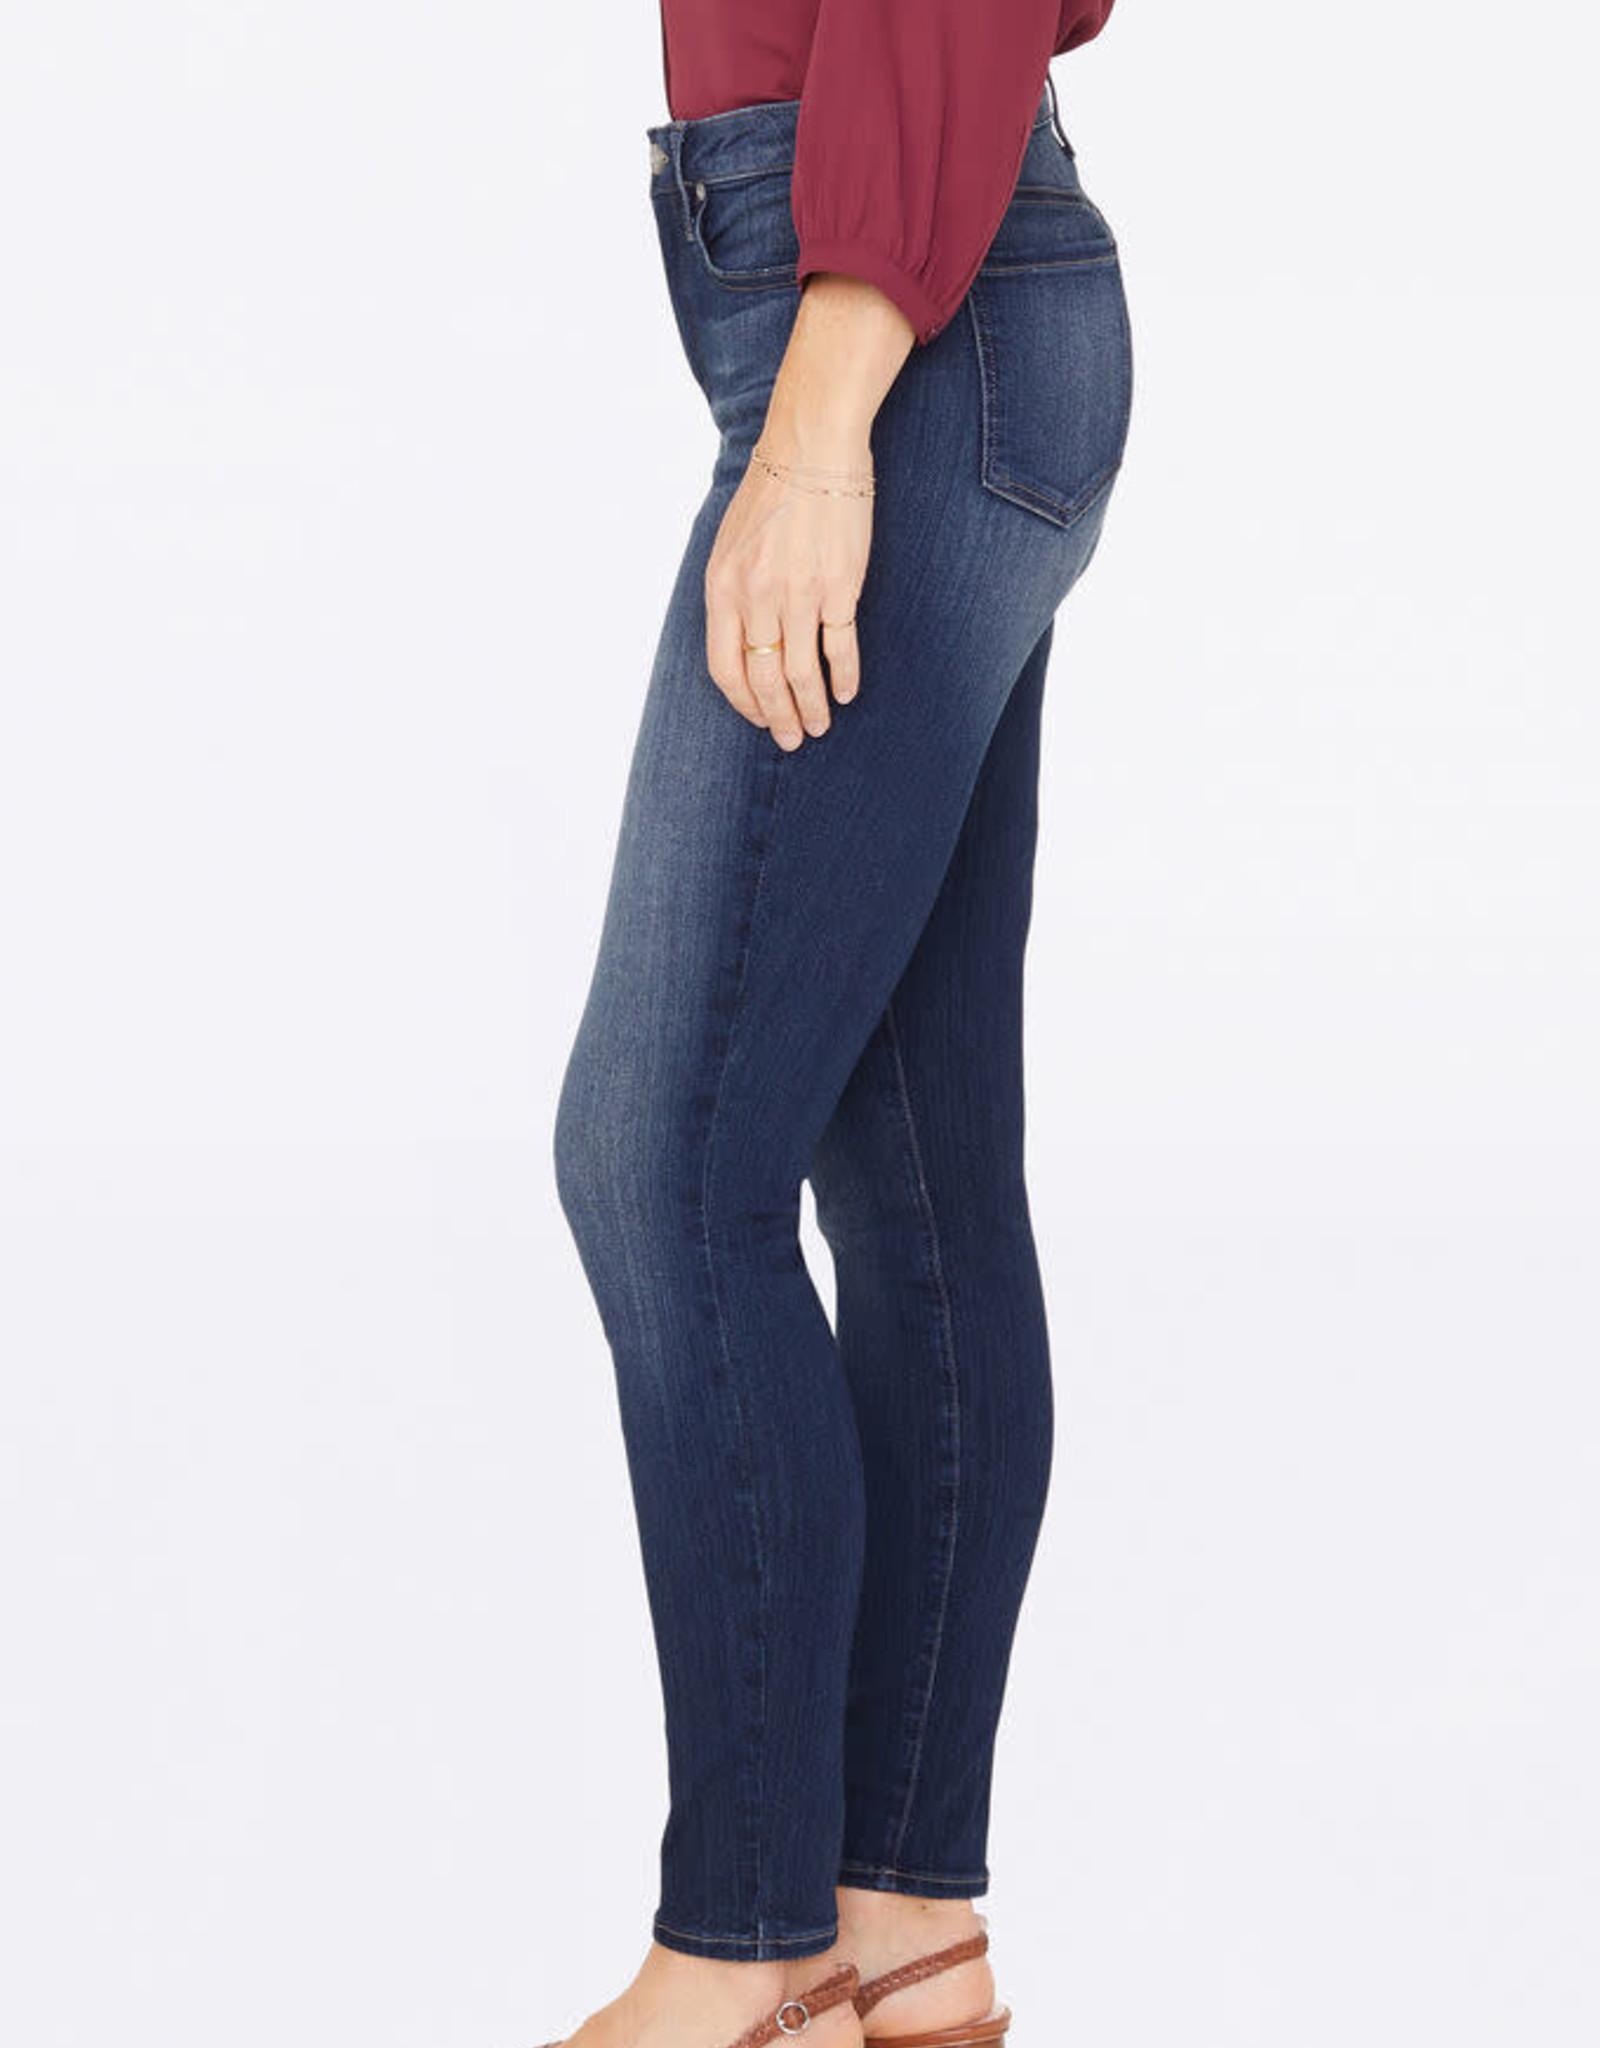 NYDJ - The Ami Skinny Jeans in Denim